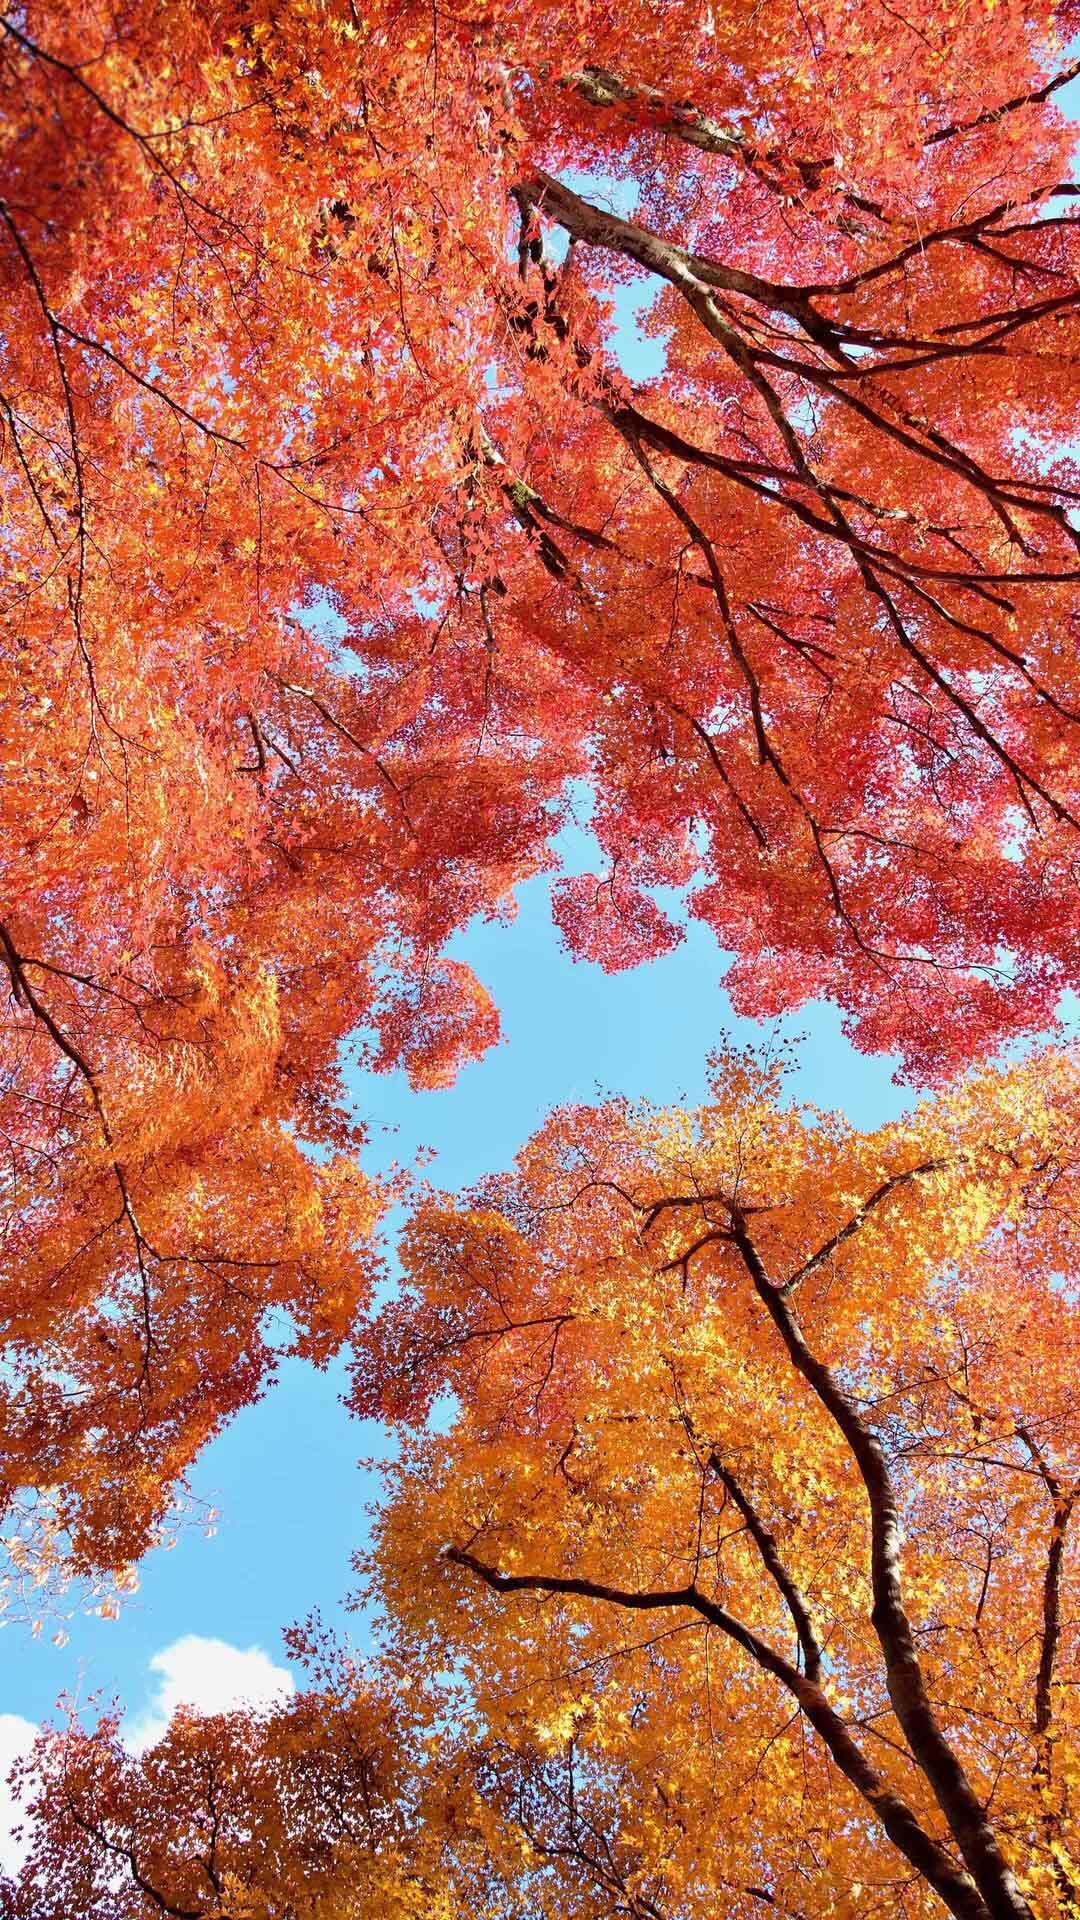 秋天唯美枫叶图片安卓壁纸9